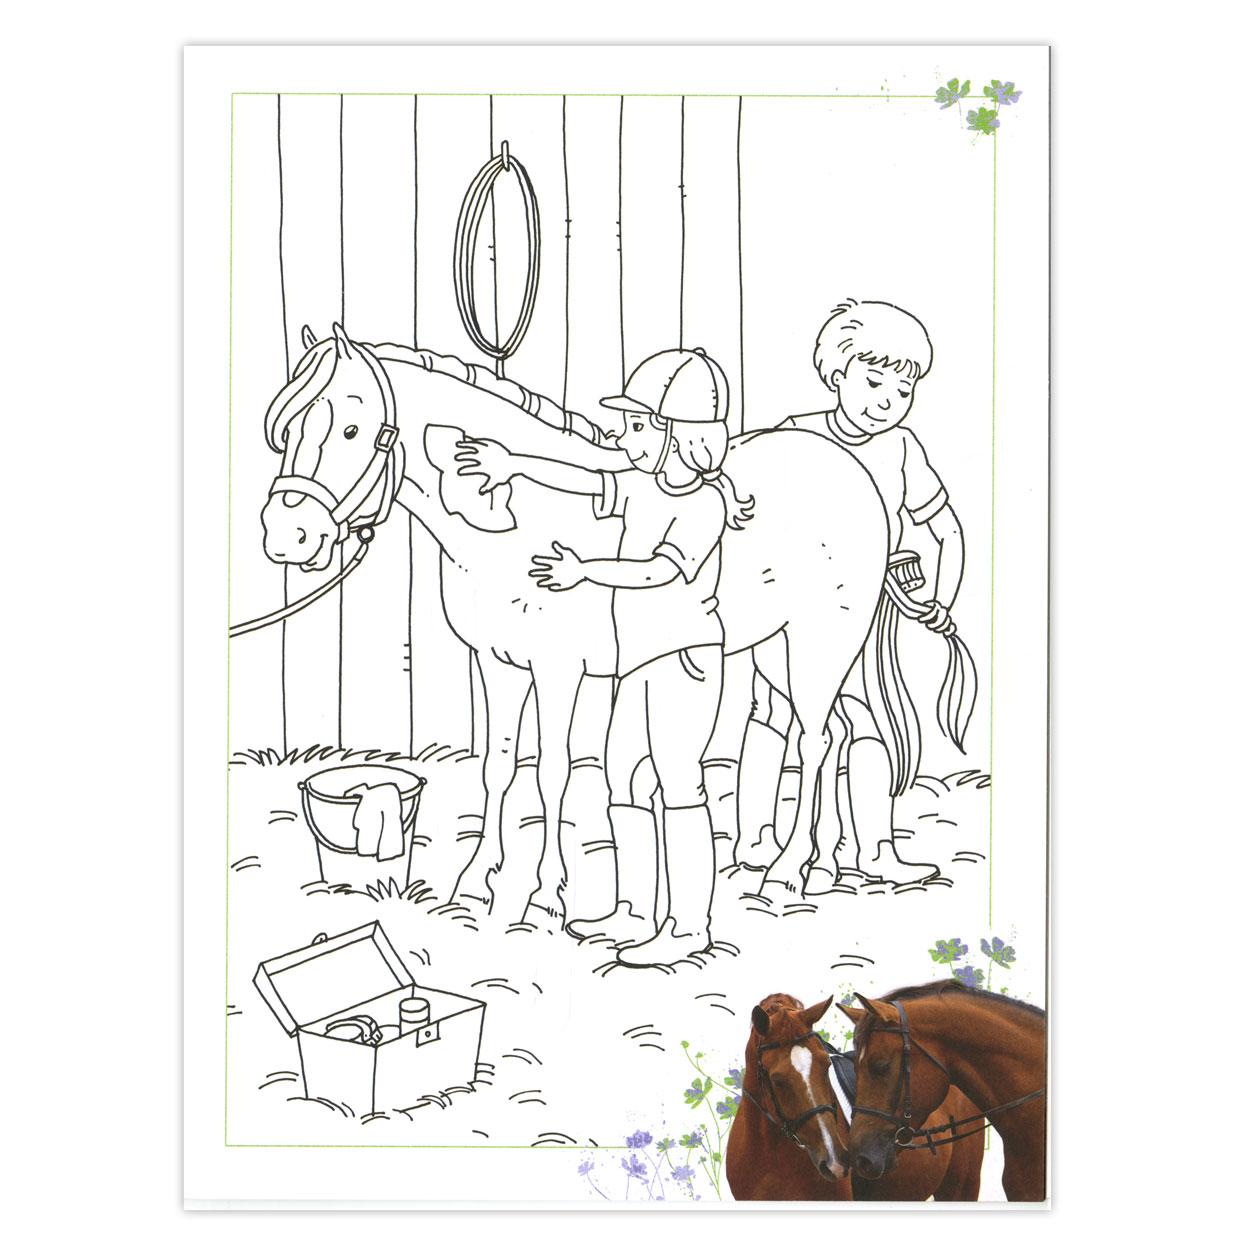 kleurplaten topmodel paarden